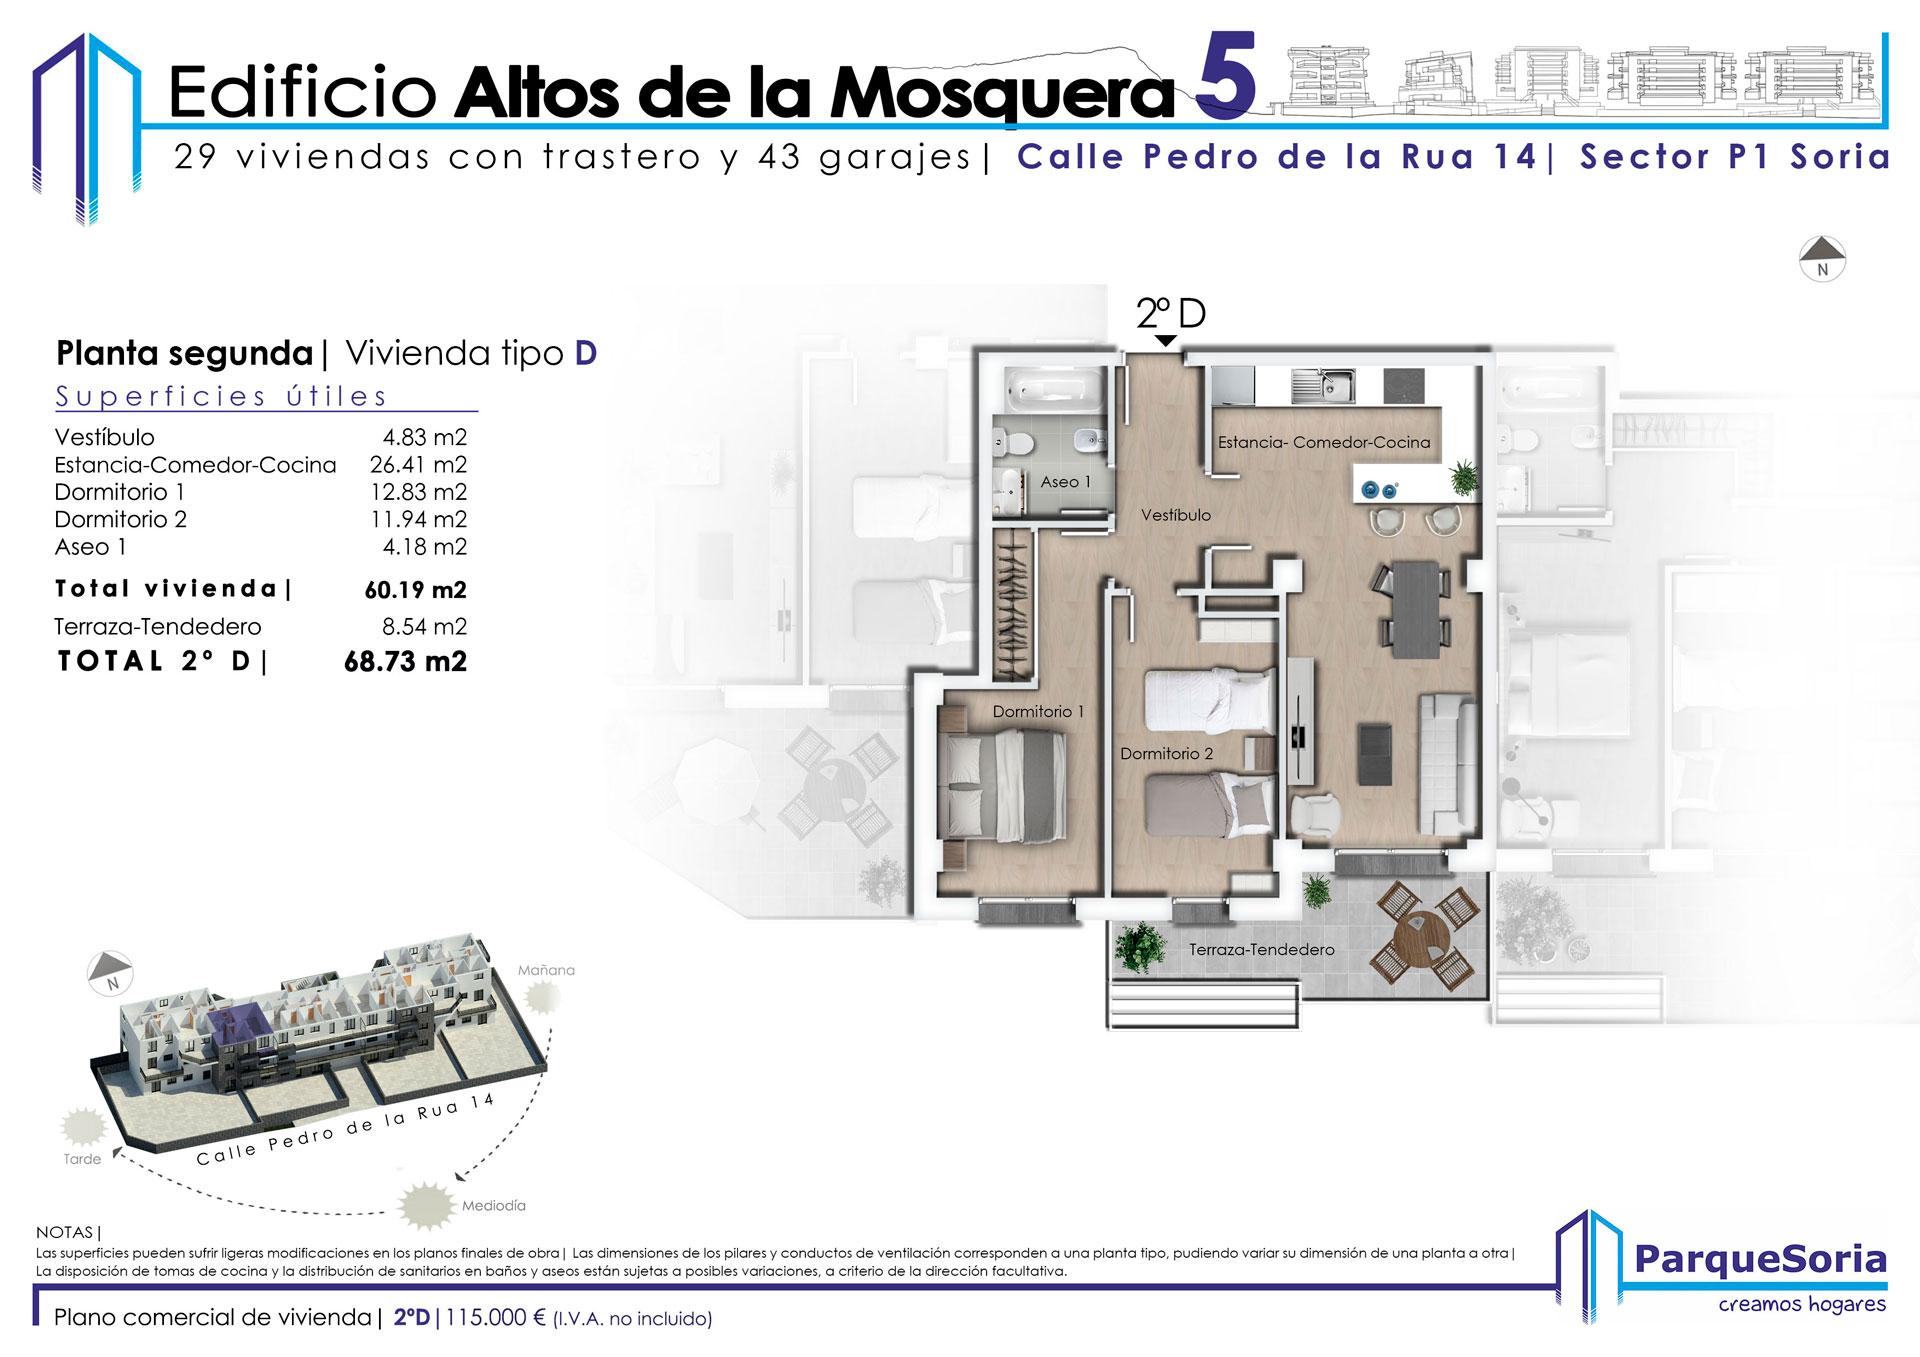 Altos de la Mosquera 5